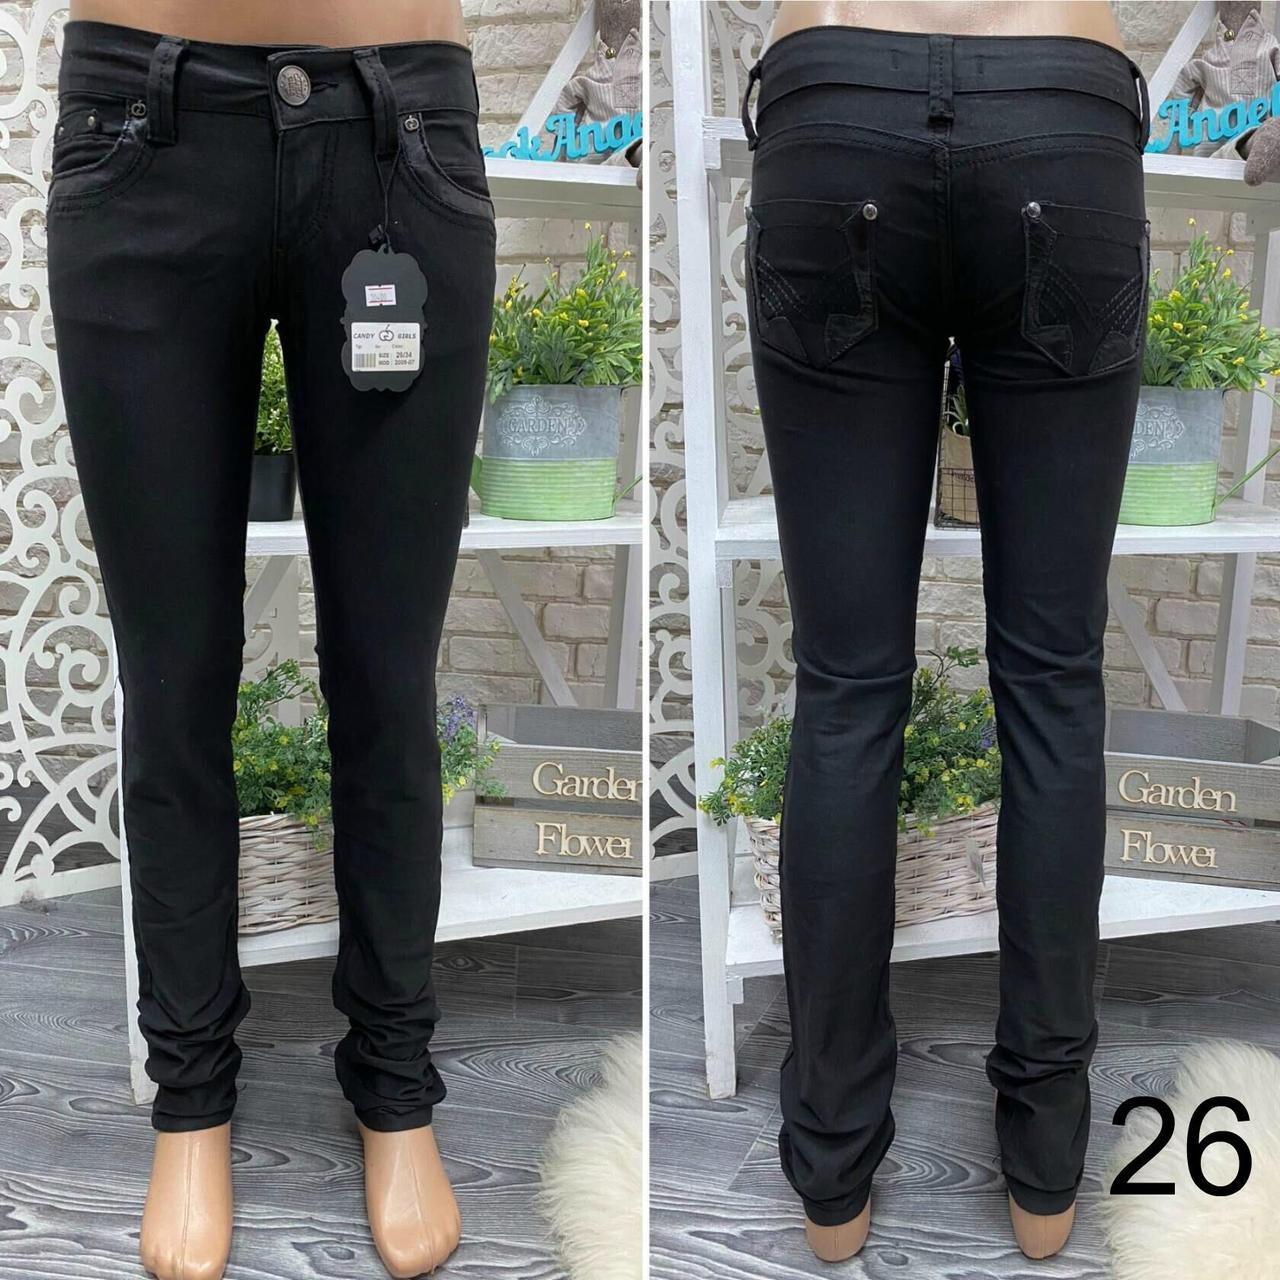 """Стильные черные штаны прямого кроя со вставками из эко-кожи, ткань """"Джинс"""" 26, 27 размер 26"""